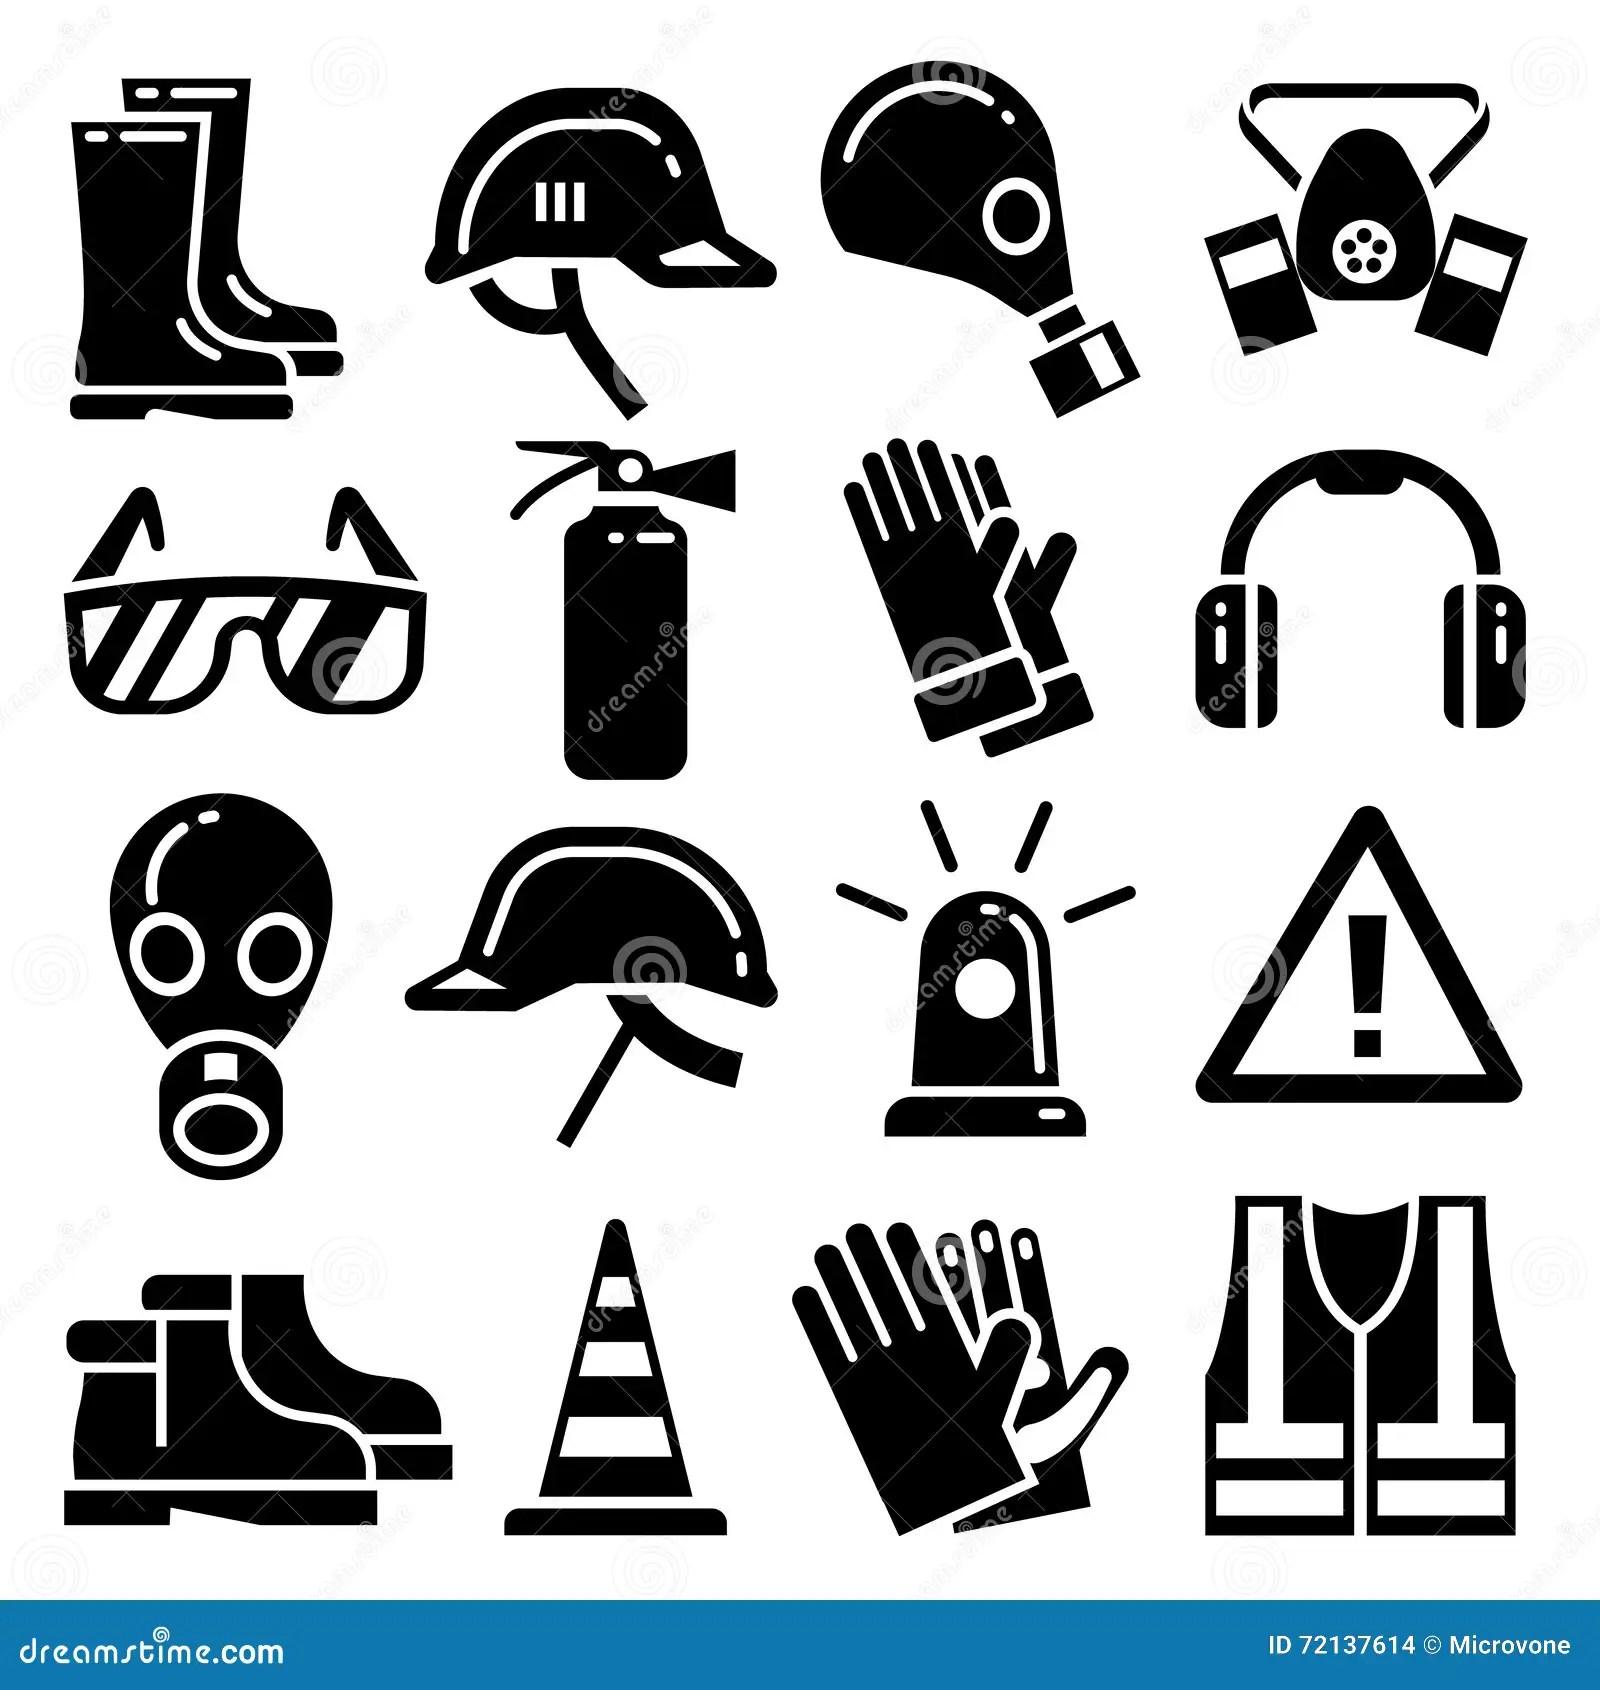 Icones Pessoais Do Vetor Do Equipamento De Protecao